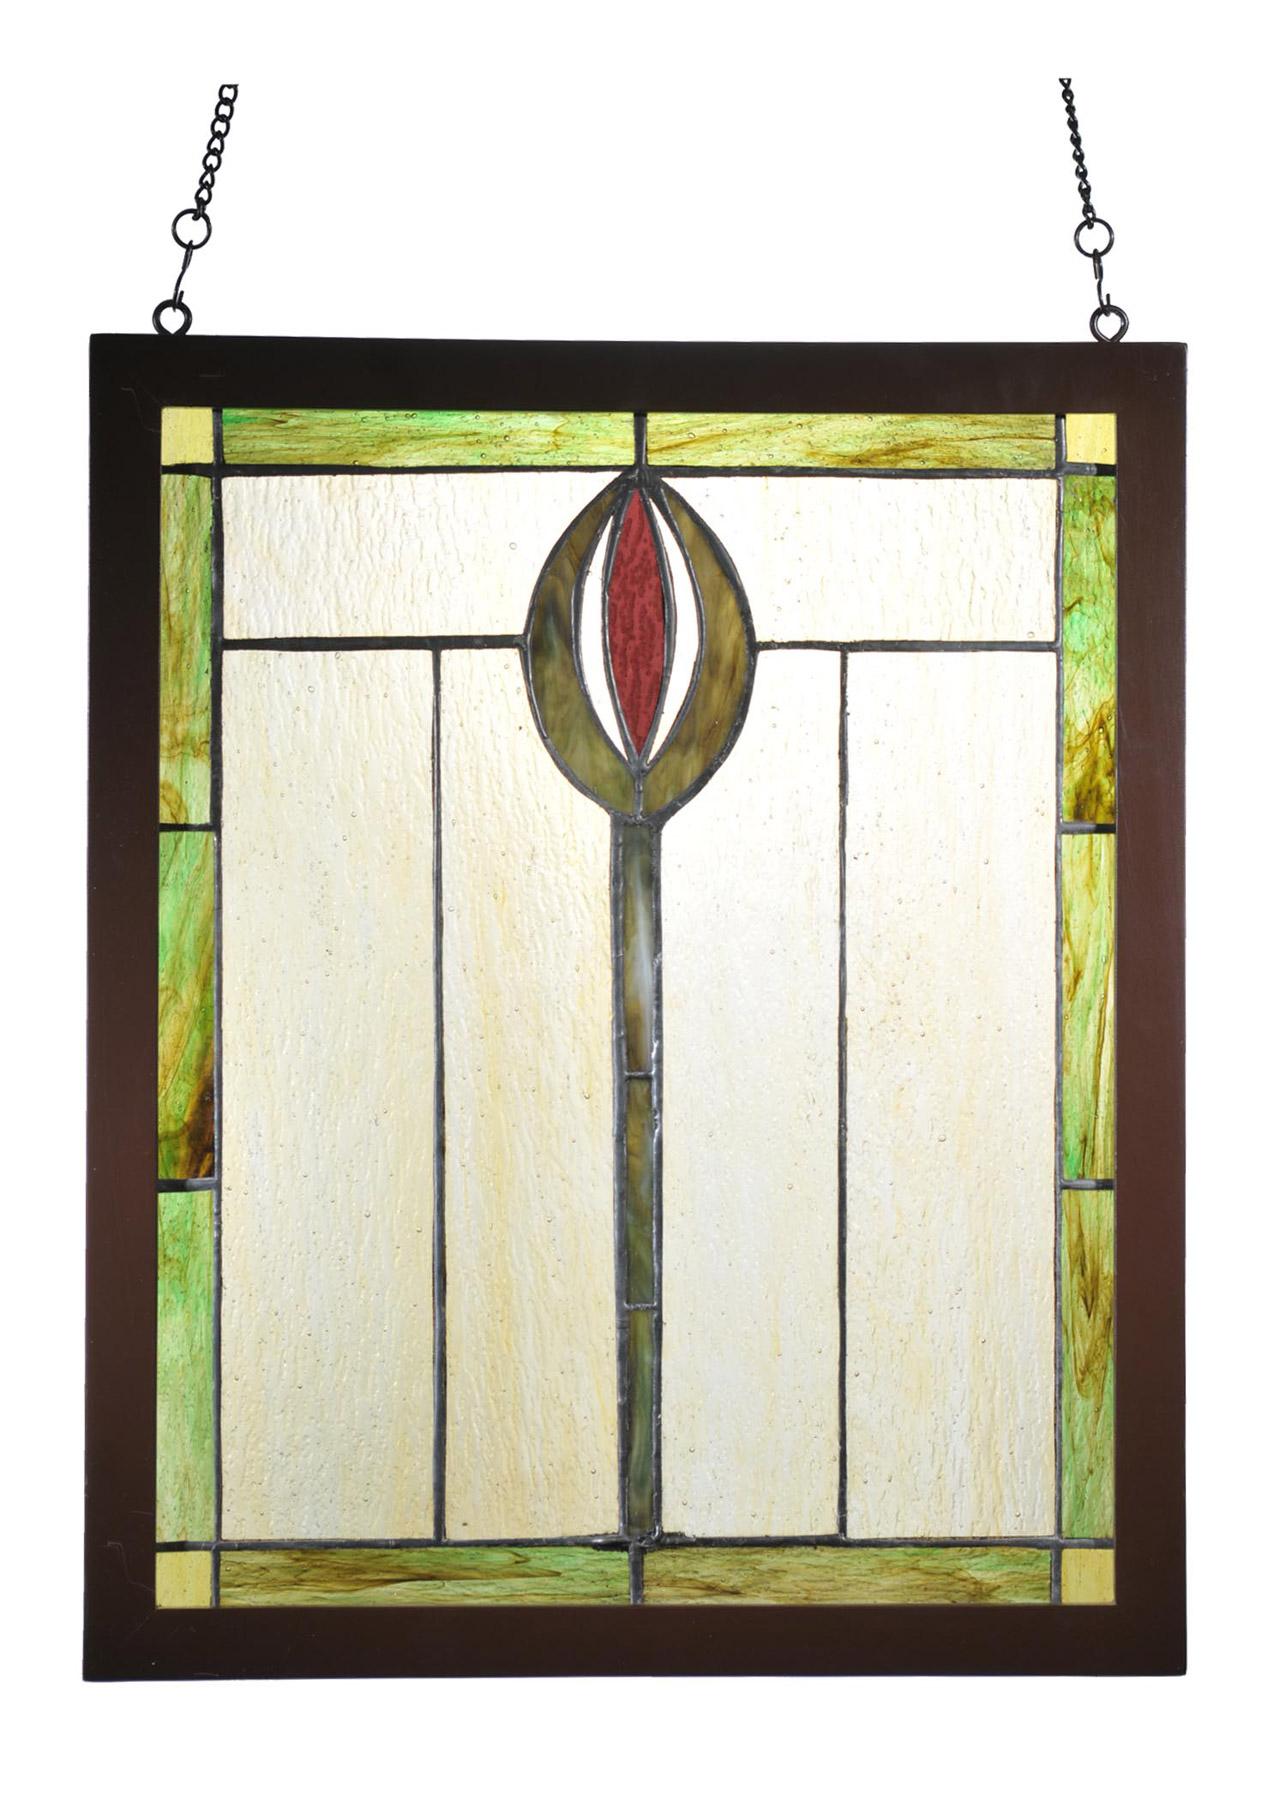 Meyda 98100 Tiffany Spear Wood Frame Stained Glass Window